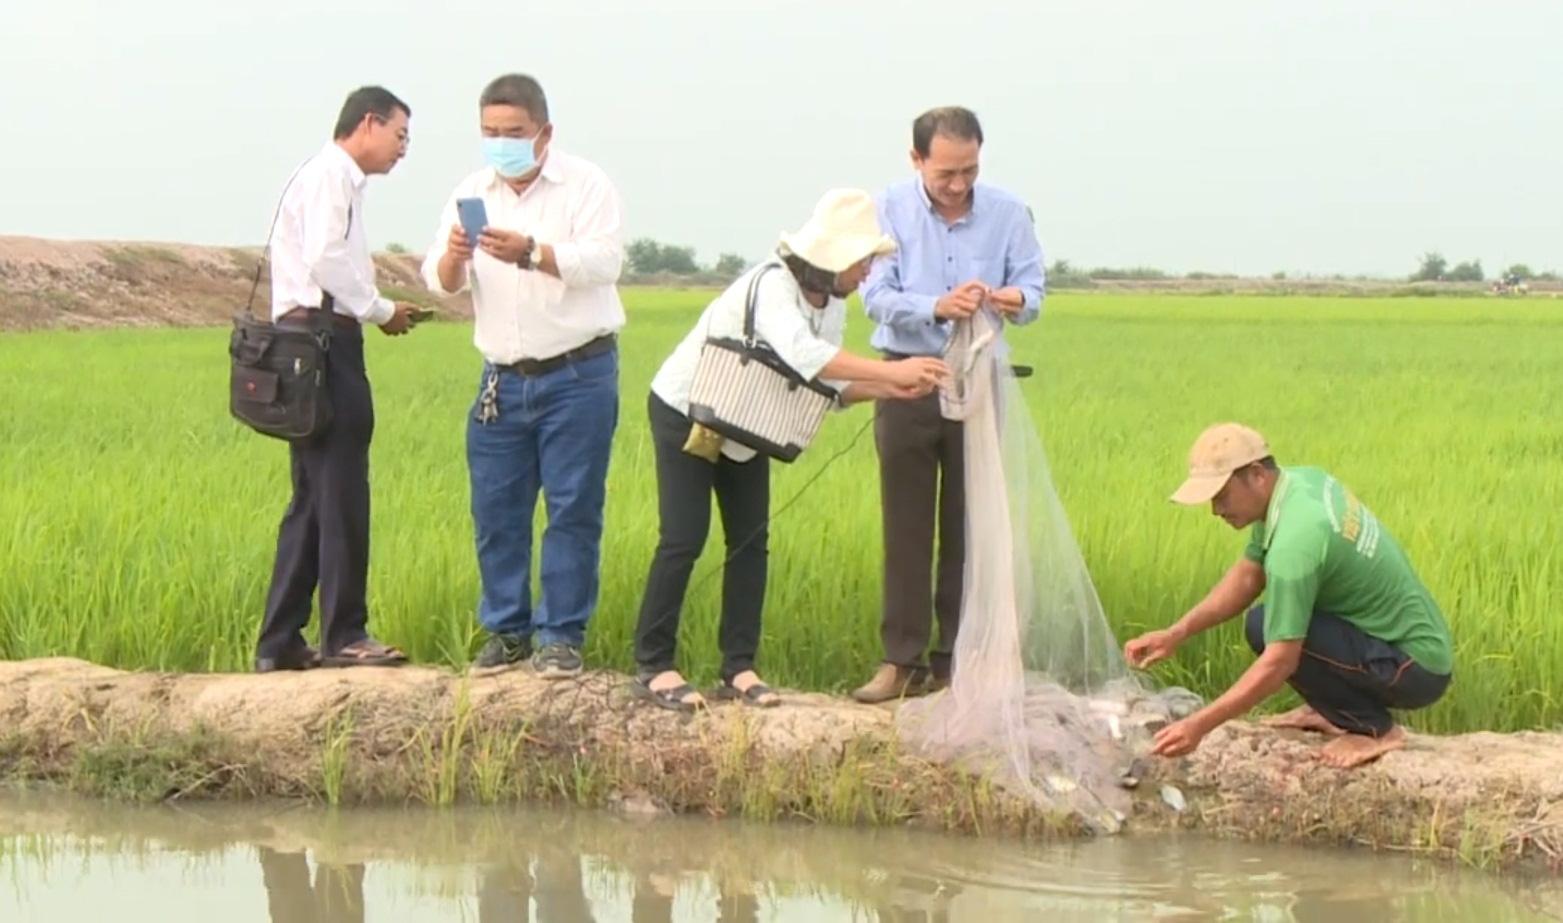 Đồng Tháp: Nông dân dự án ICRSL hướng đến sản xuất hữu cơ, tìm kiếm lợi nhuận lâu dài - Ảnh 2.